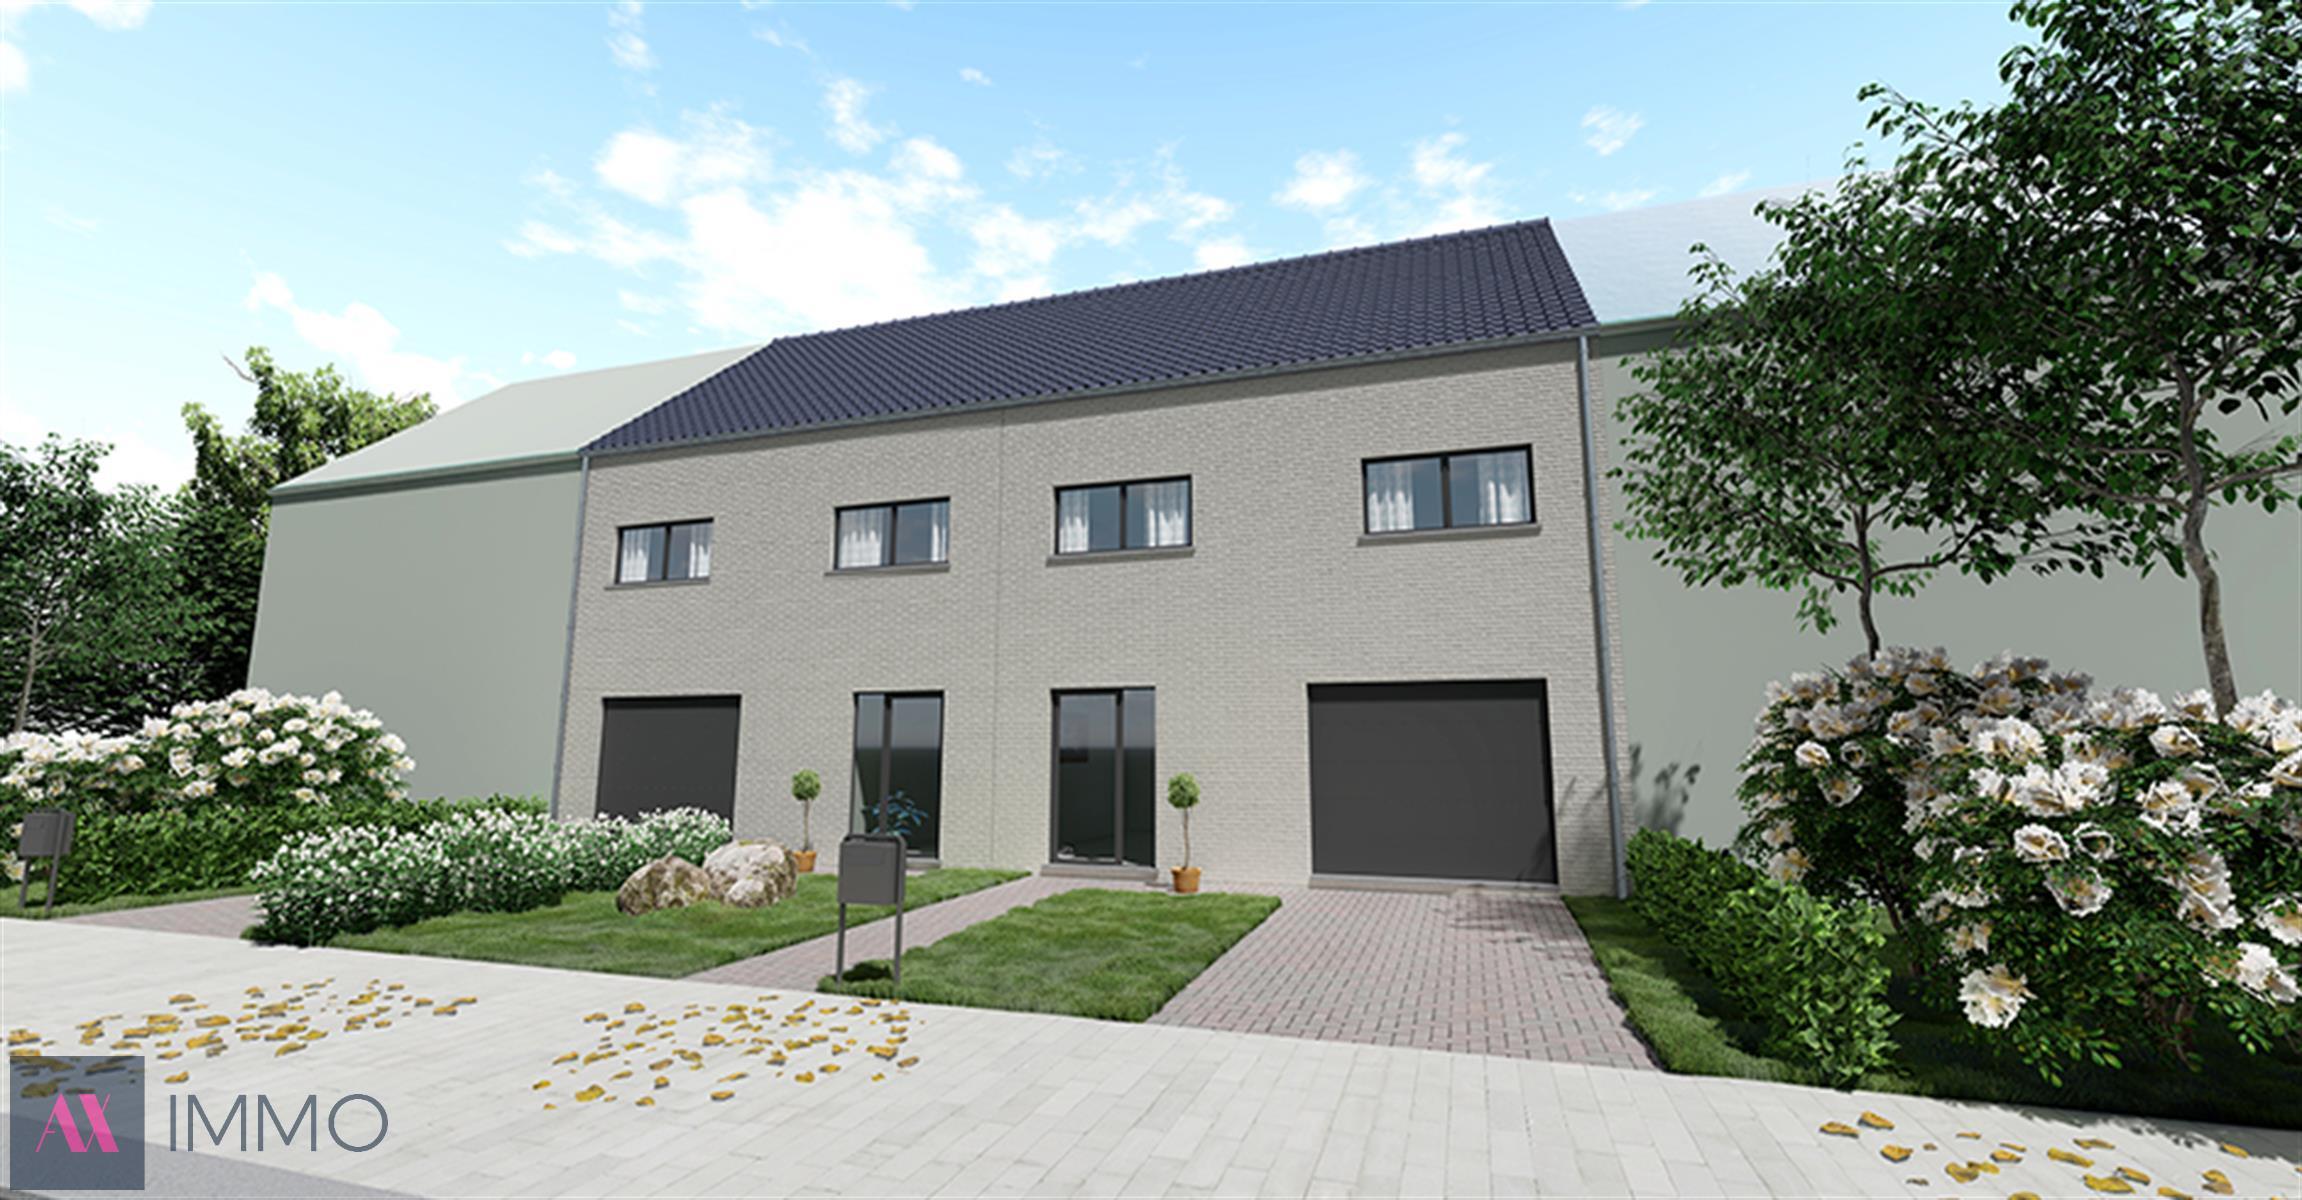 Verkaveling met 2 nieuw te bouwen gesloten woningen met grondoppervlaktes vanaf 03 are 49 ca